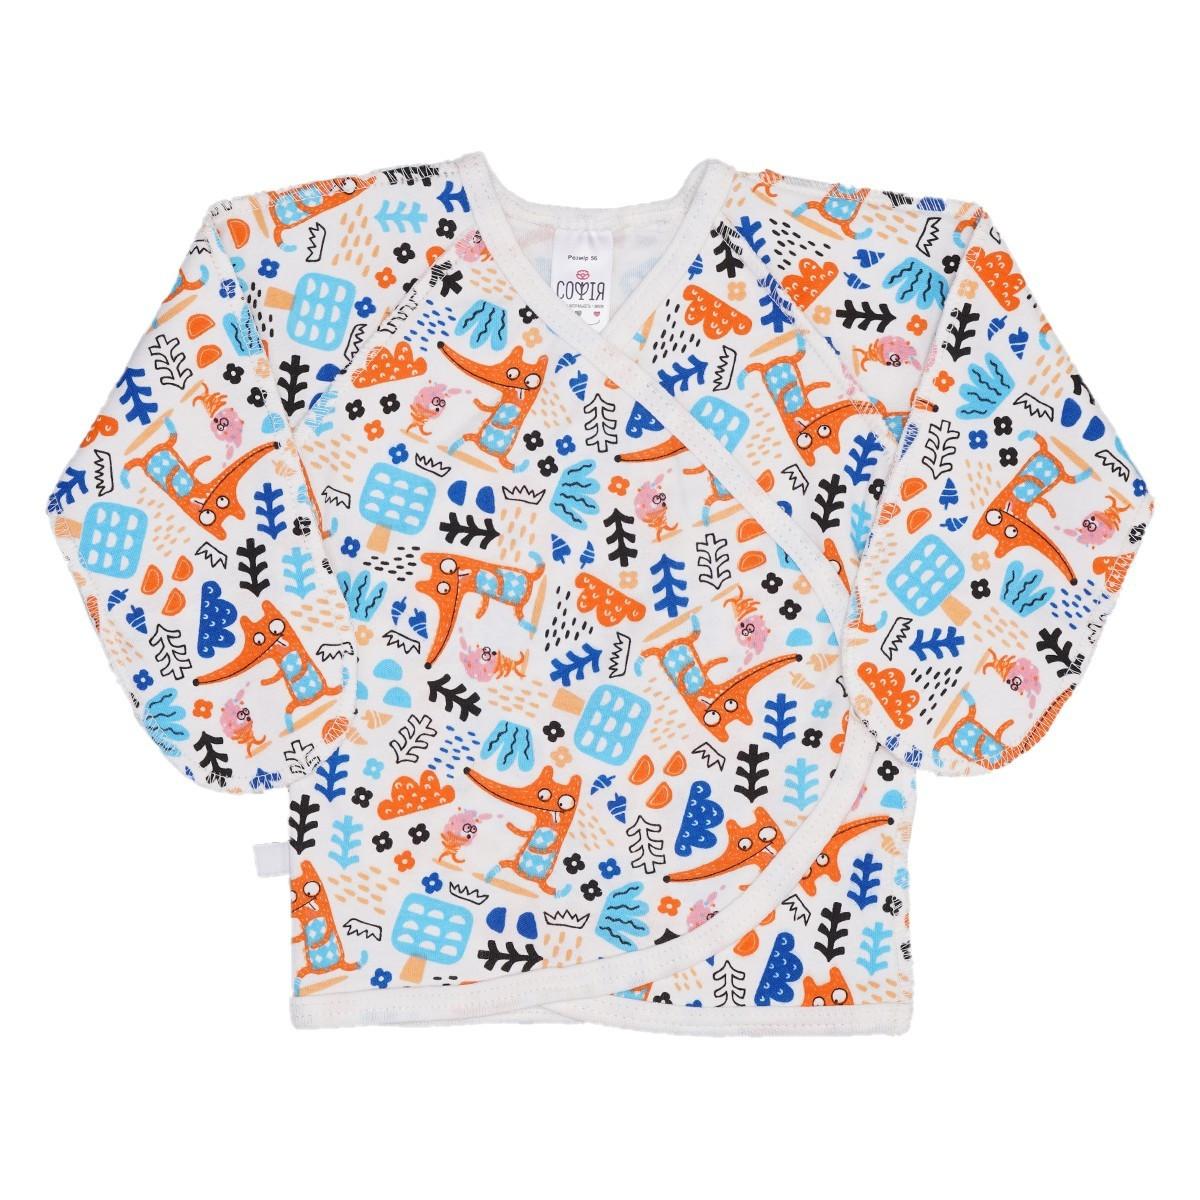 Сорочечка Софія Foxes 51-56 см молочний з принтом 1272